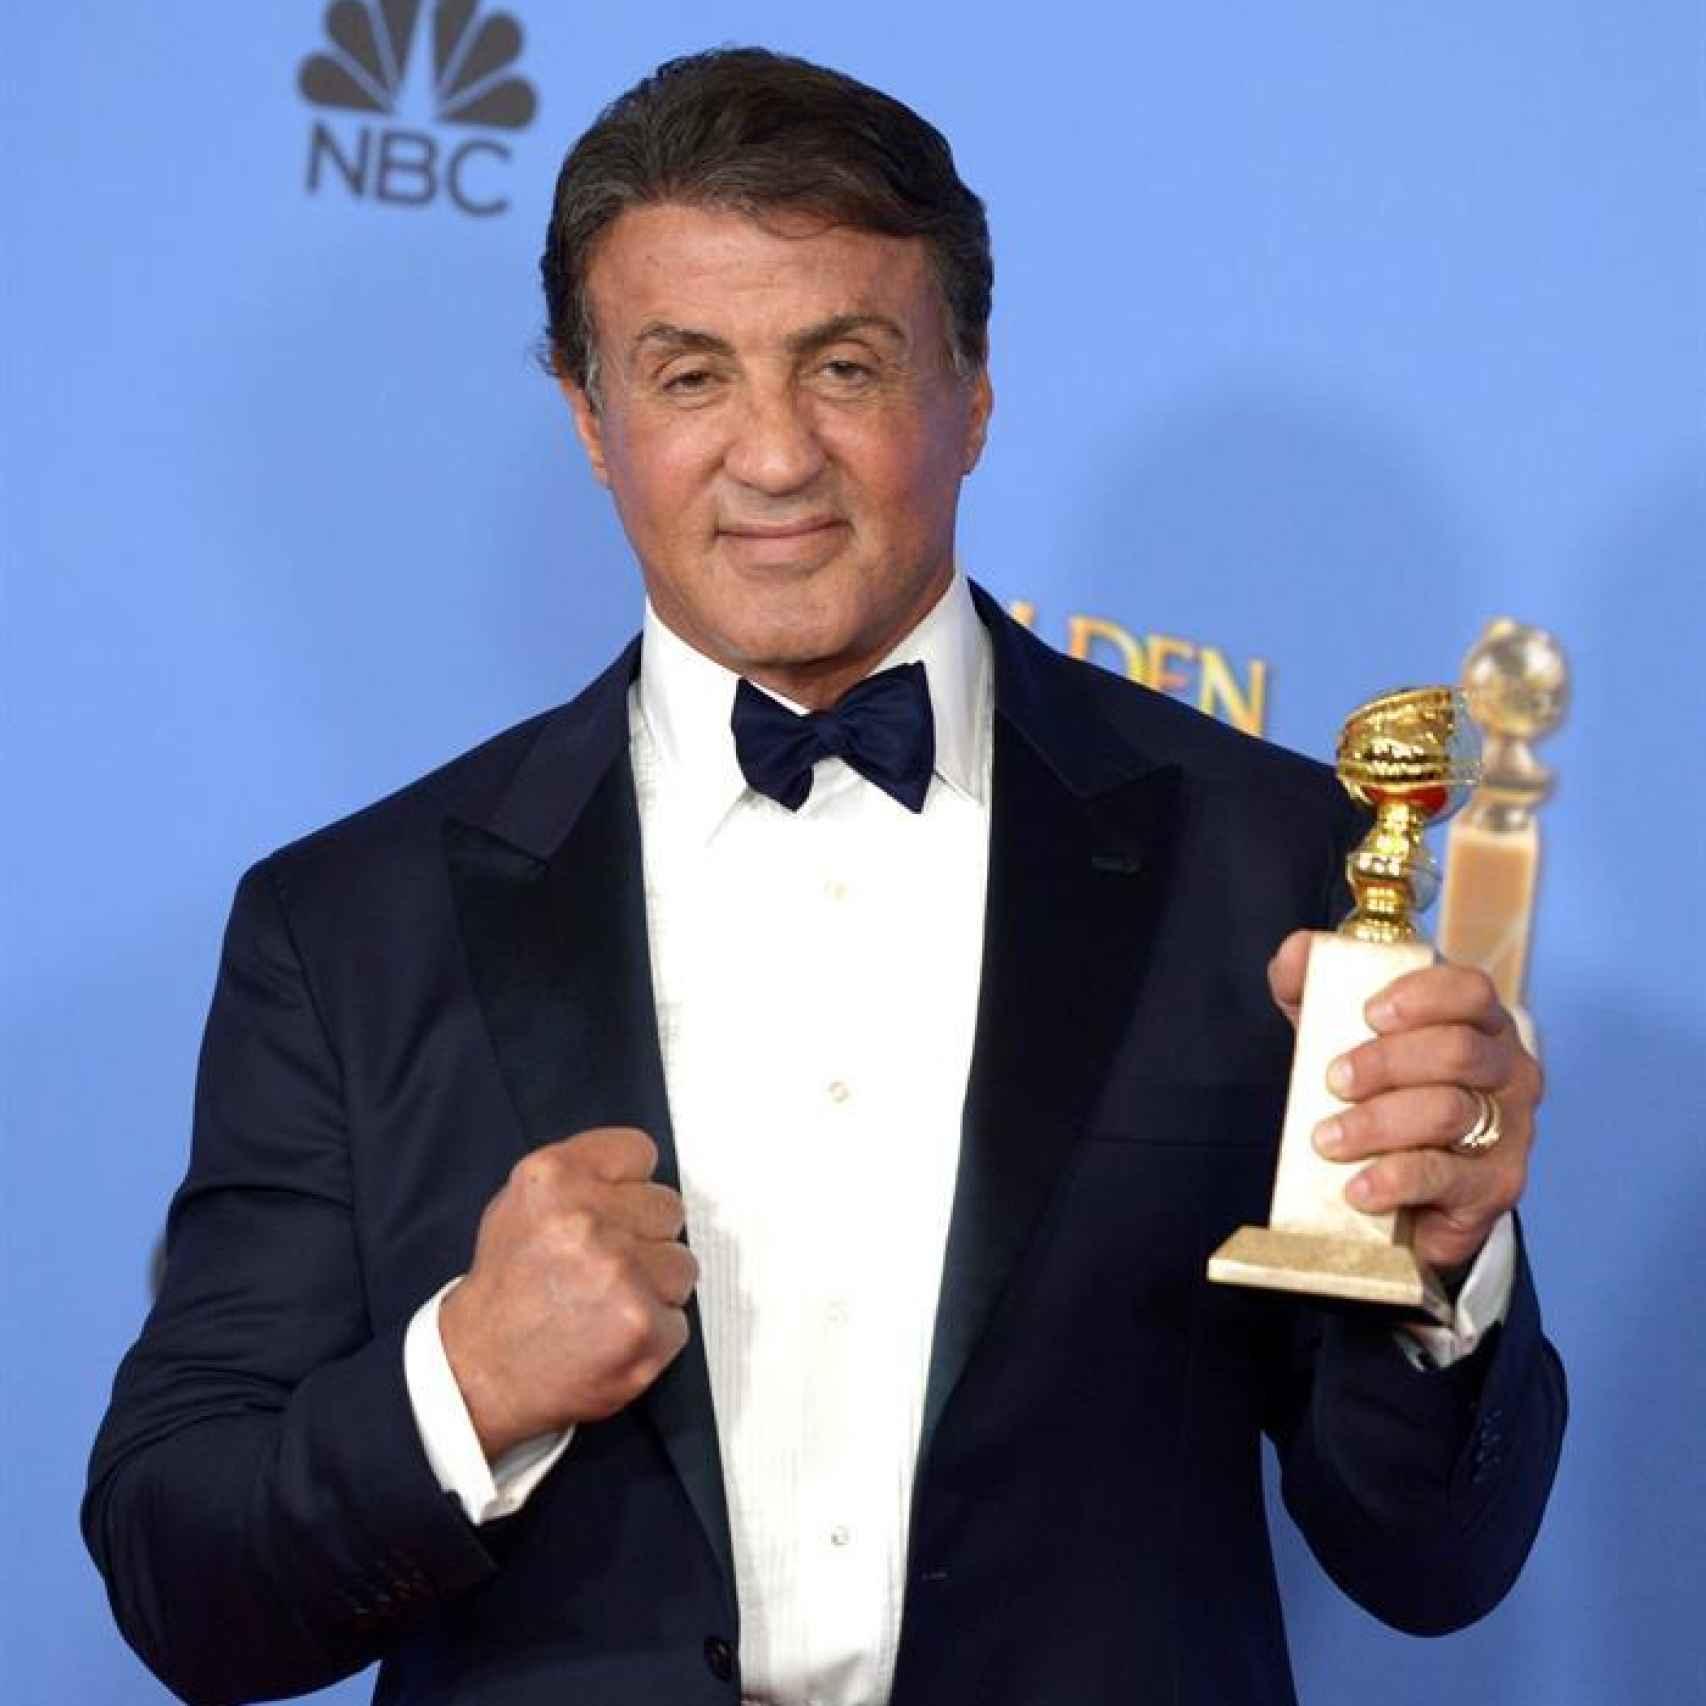 Sylvester Stallone con su premio, el renacido es él.